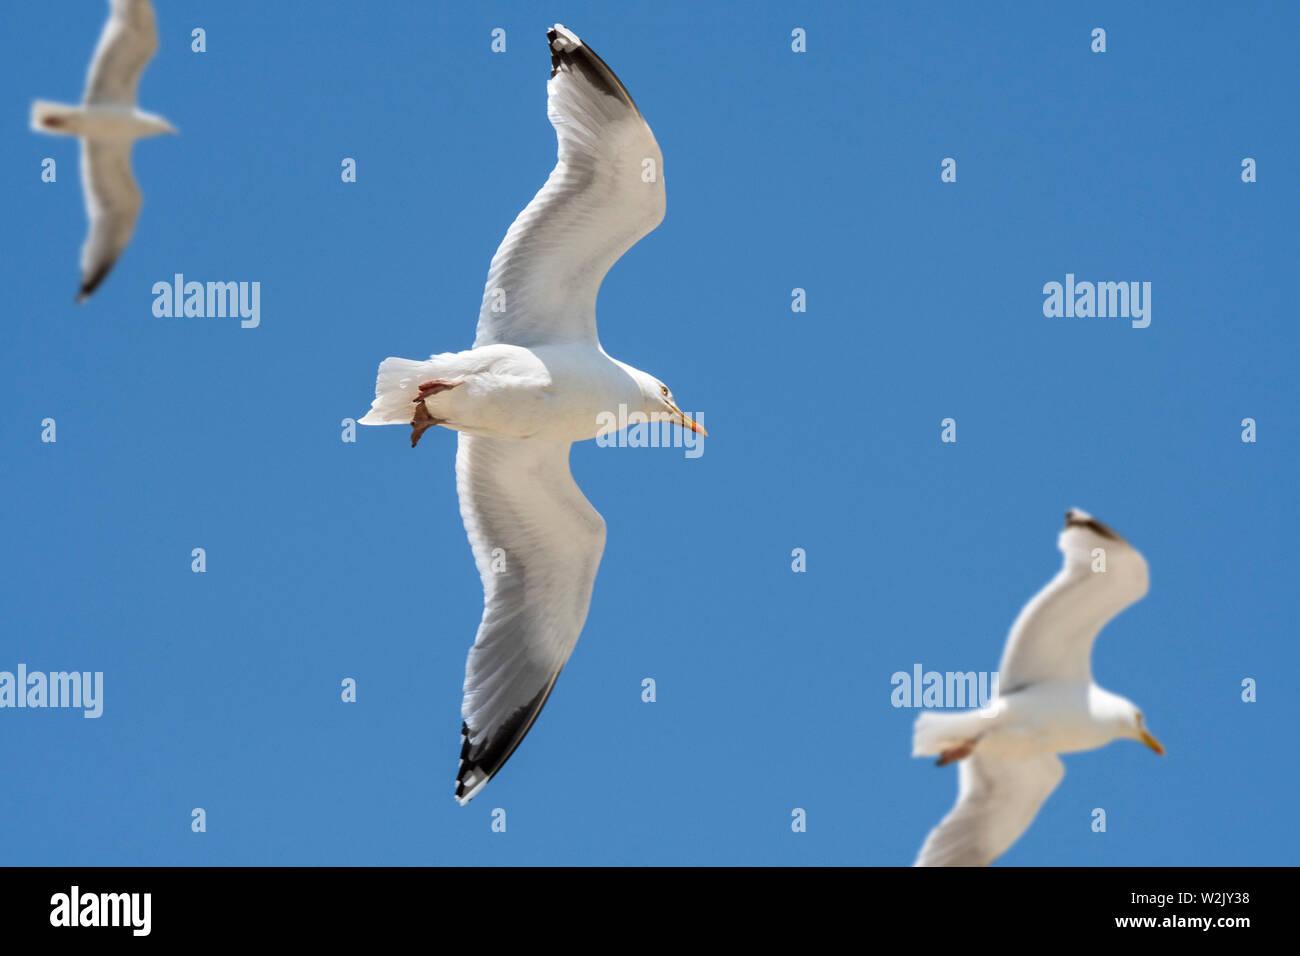 Three European herring gulls (Larus argentatus) in flight against blue sky - Stock Image